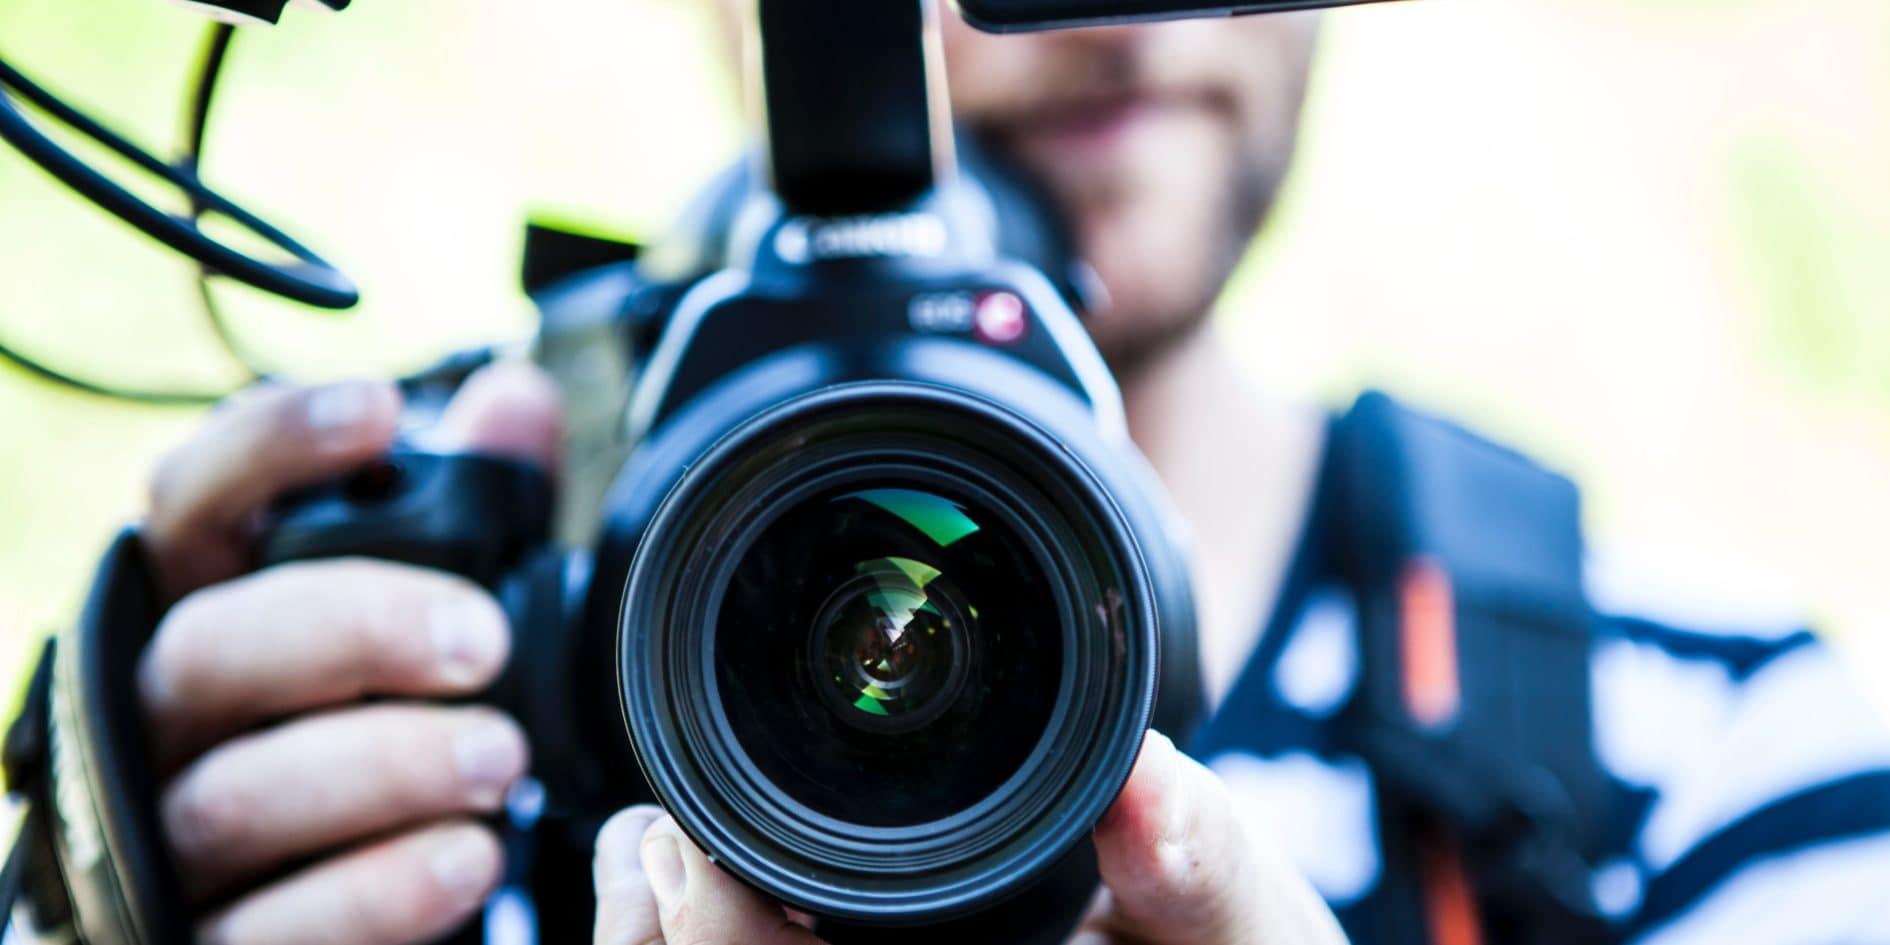 Photographe De Sport Un Objectif Troit